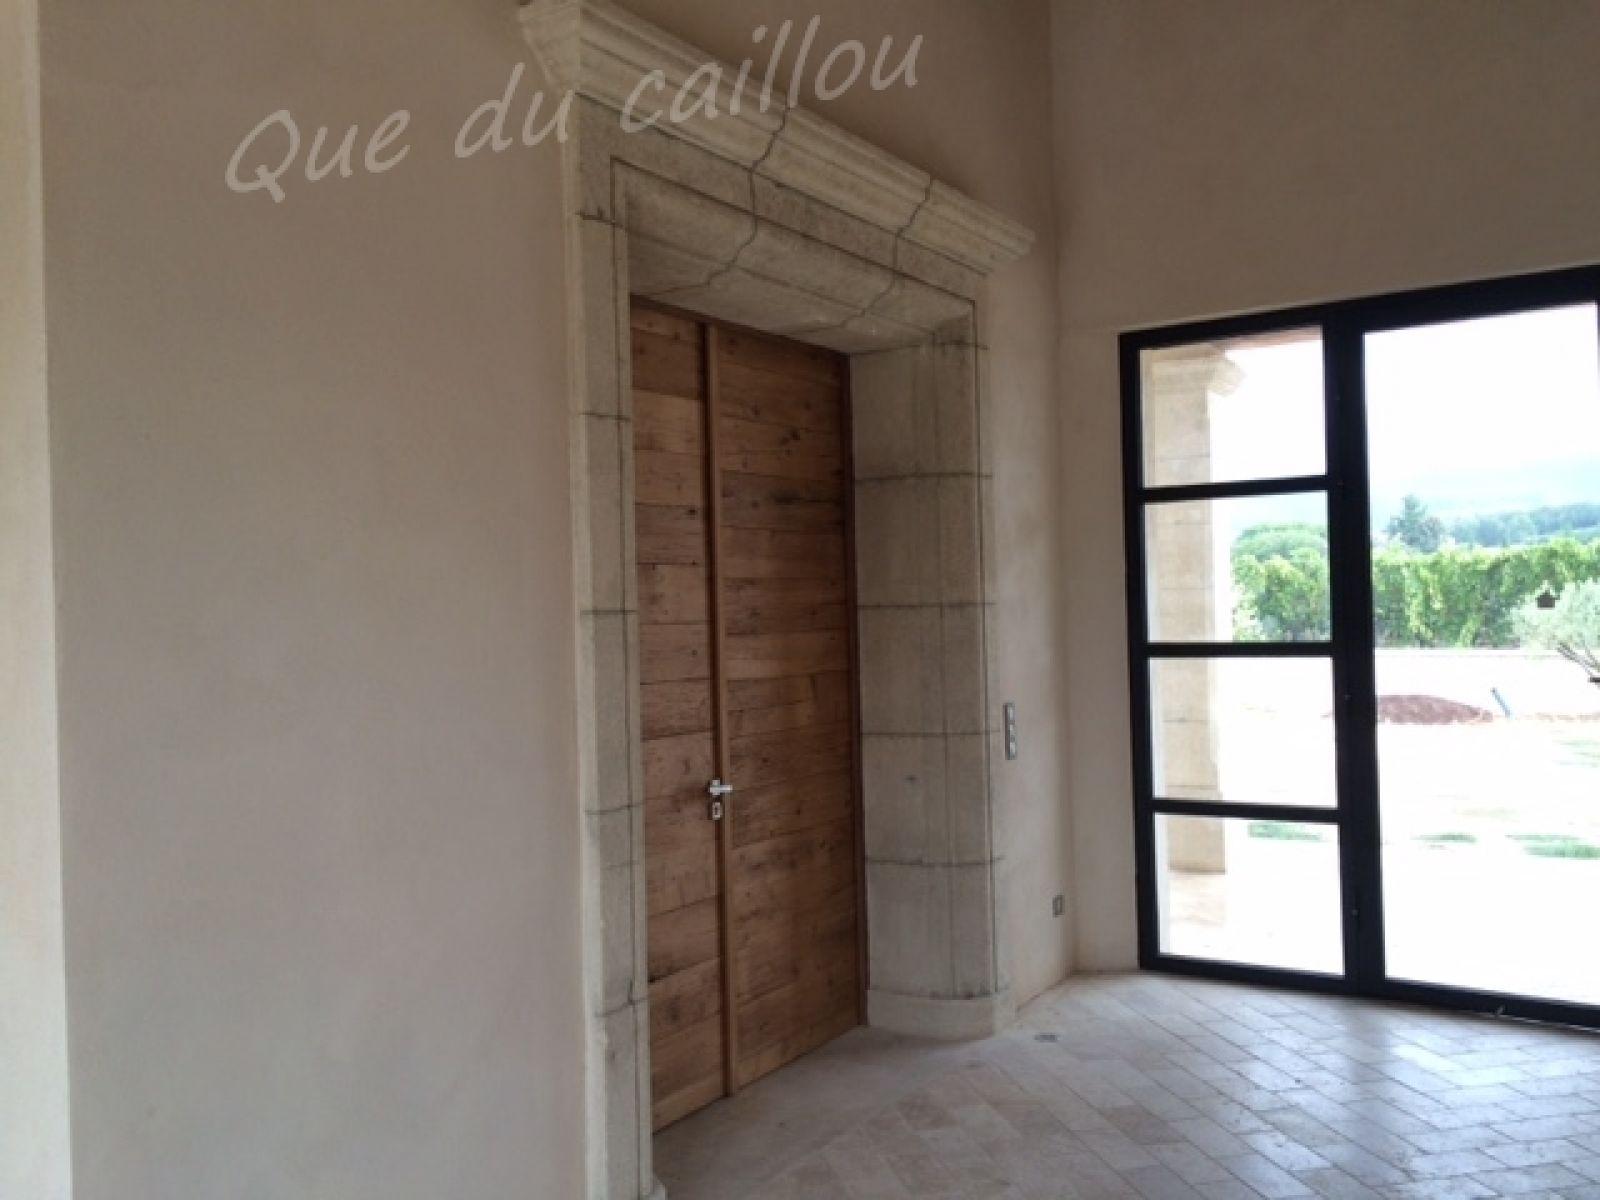 encadrement de porte en pierre de beaulieu cucuron dans le vaucluse que du caillou. Black Bedroom Furniture Sets. Home Design Ideas